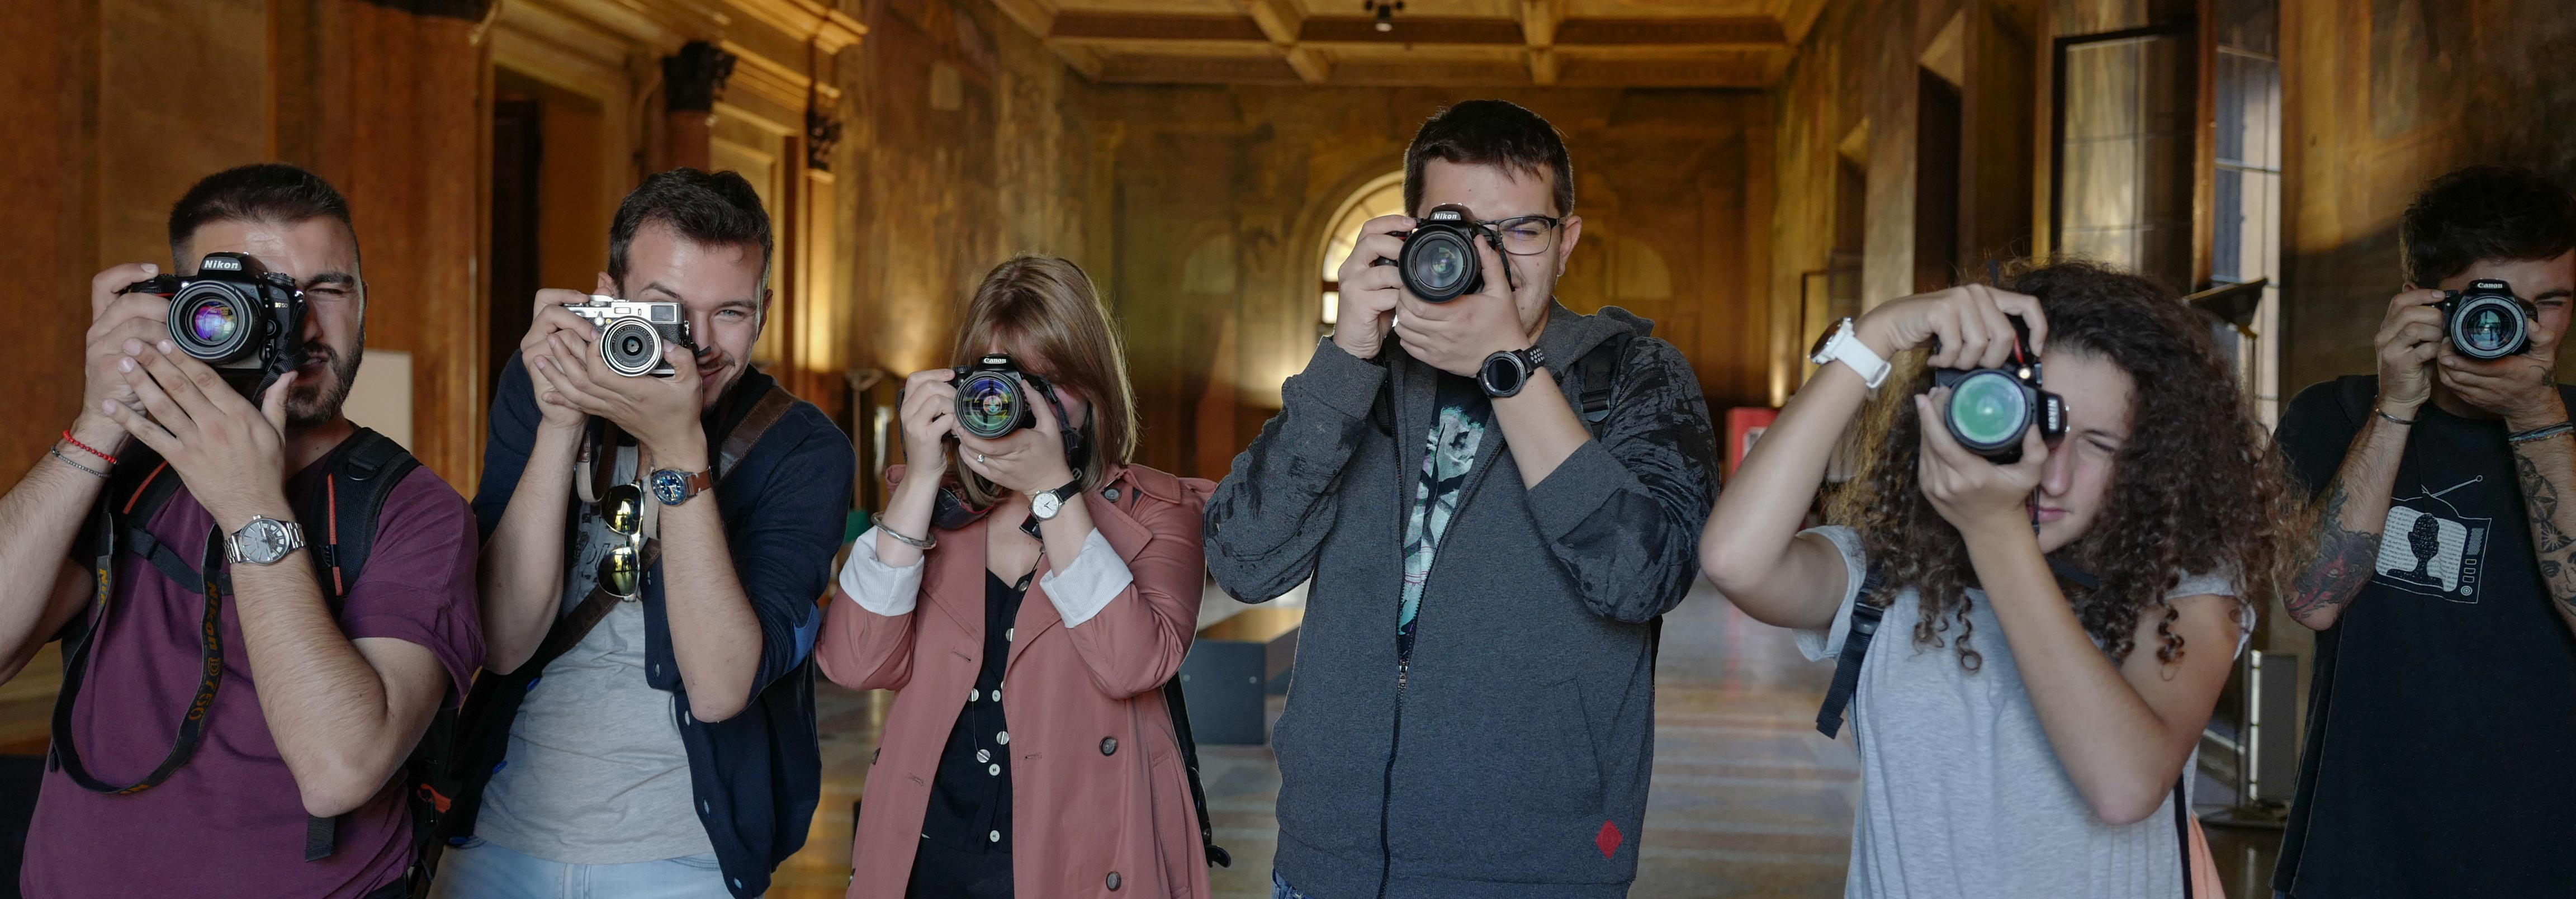 corso fotografia digitale Bologna